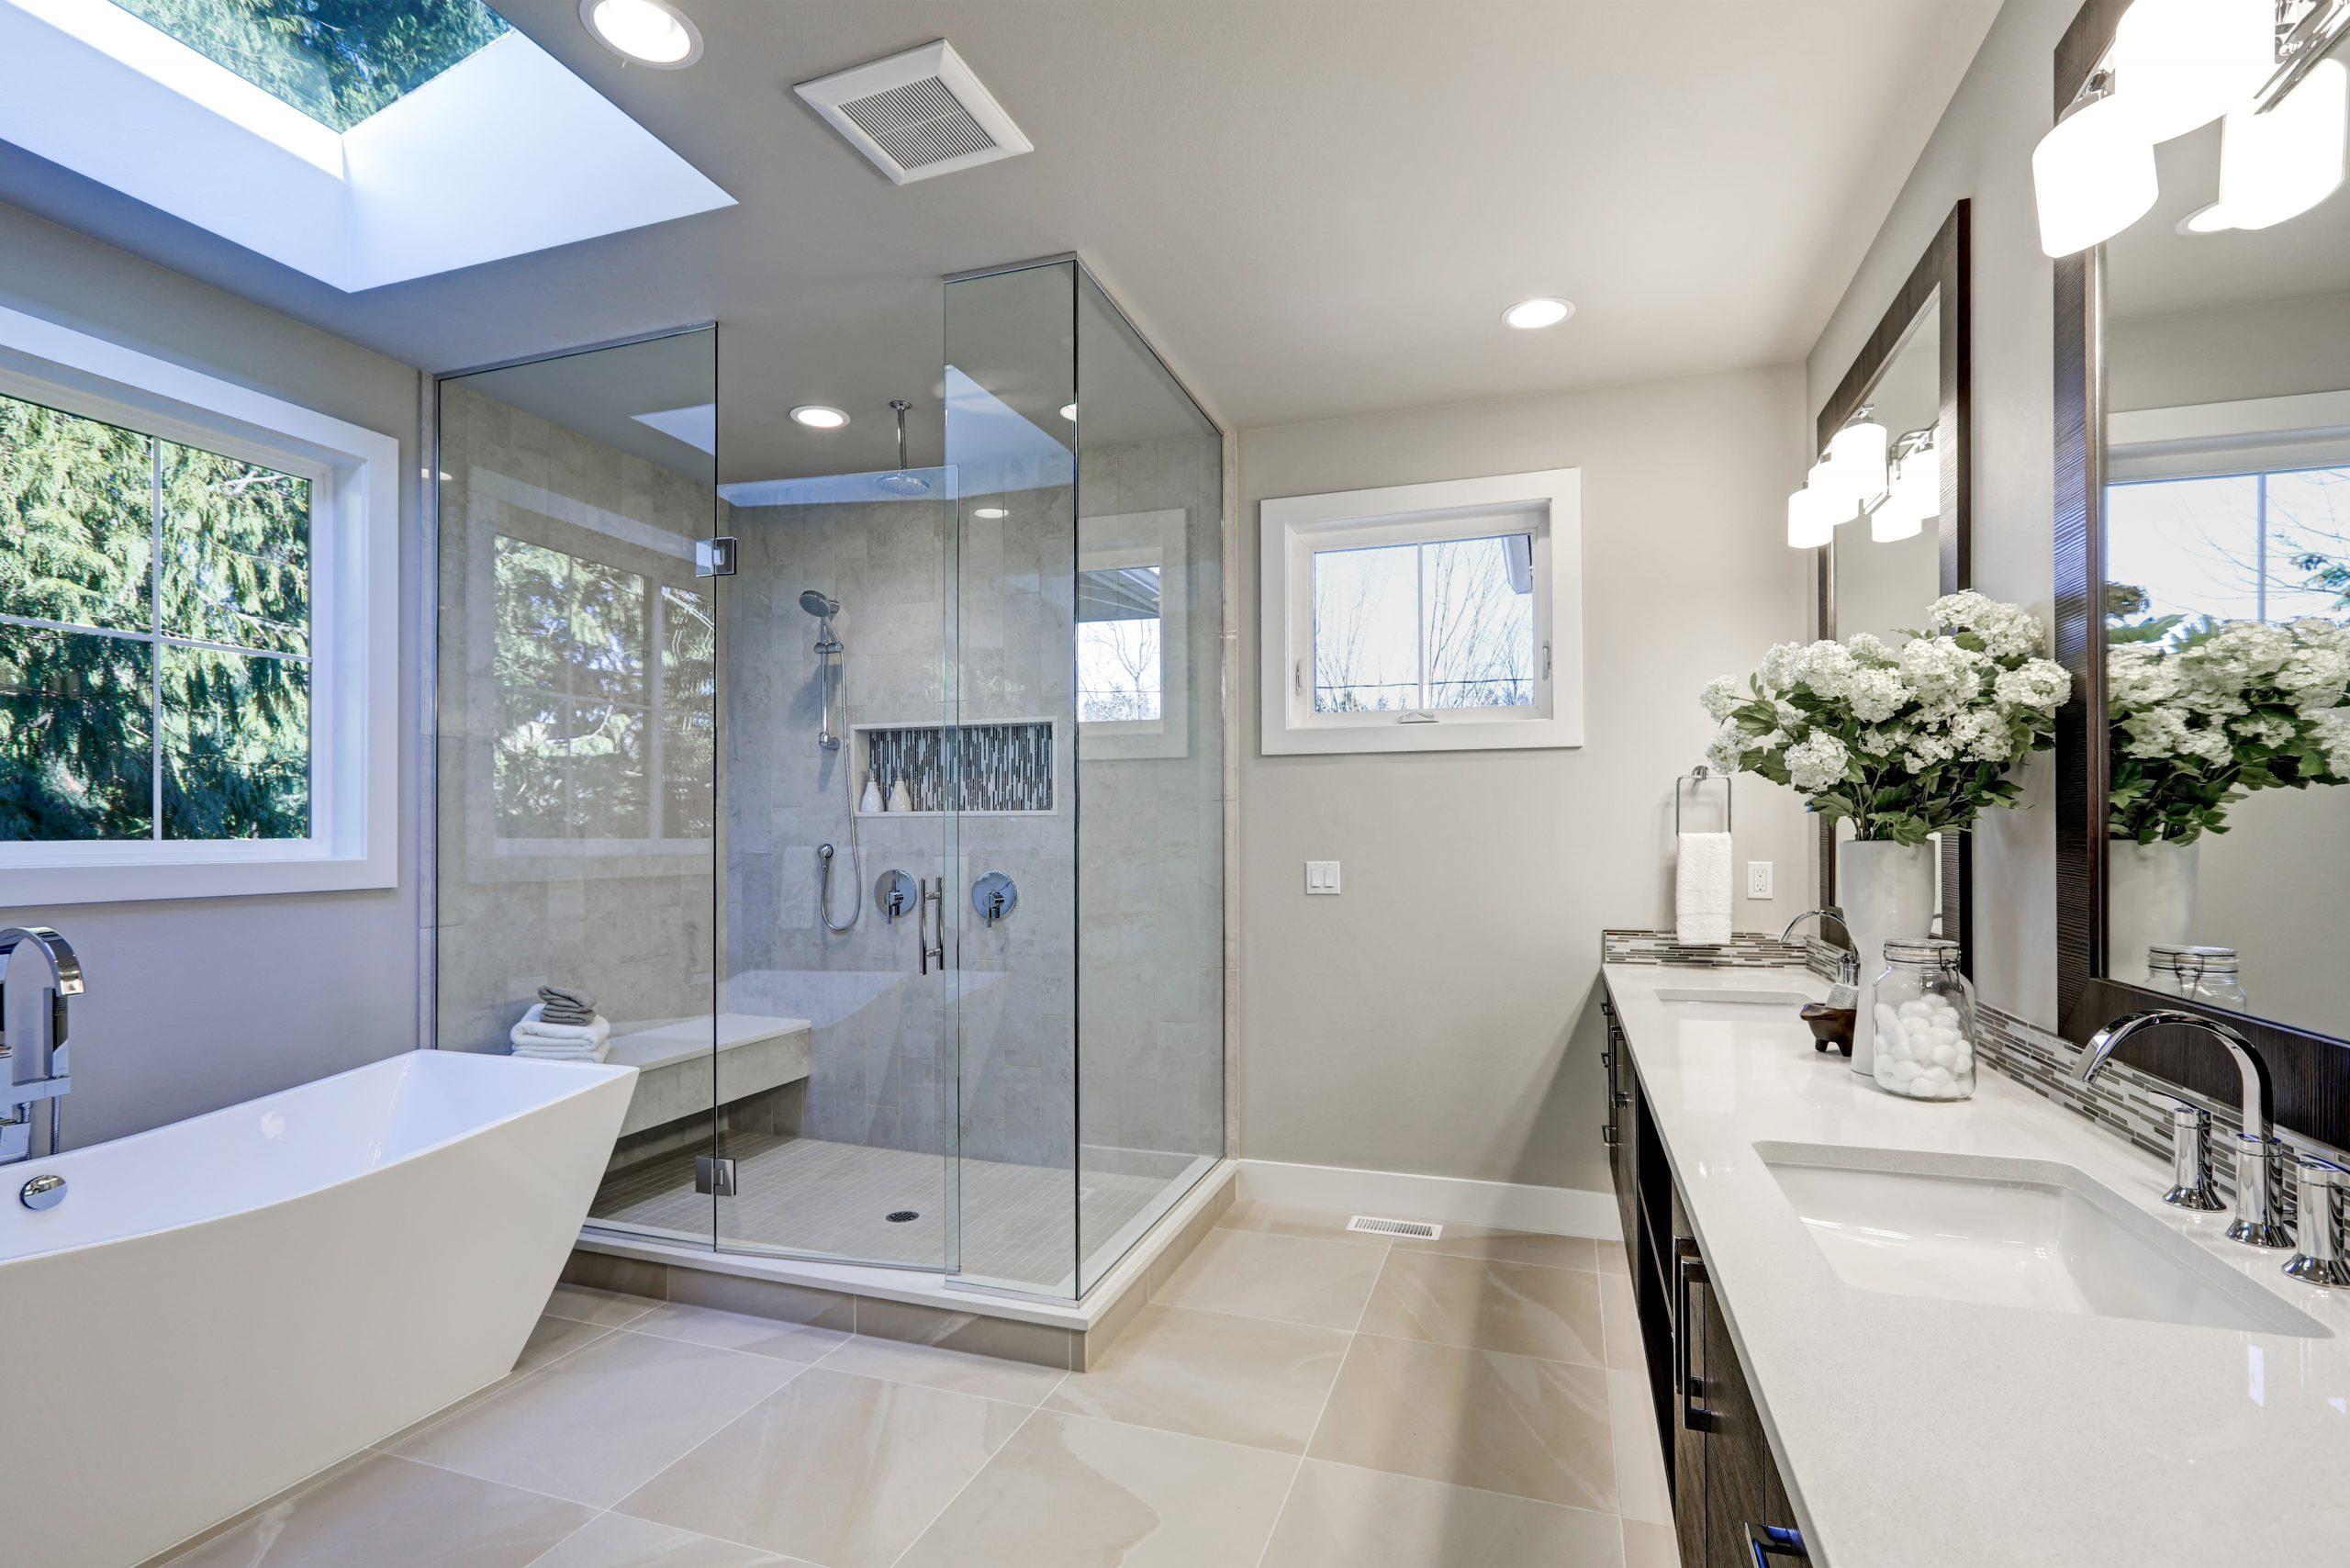 Bathroom Remodeling in Tarzana, CA